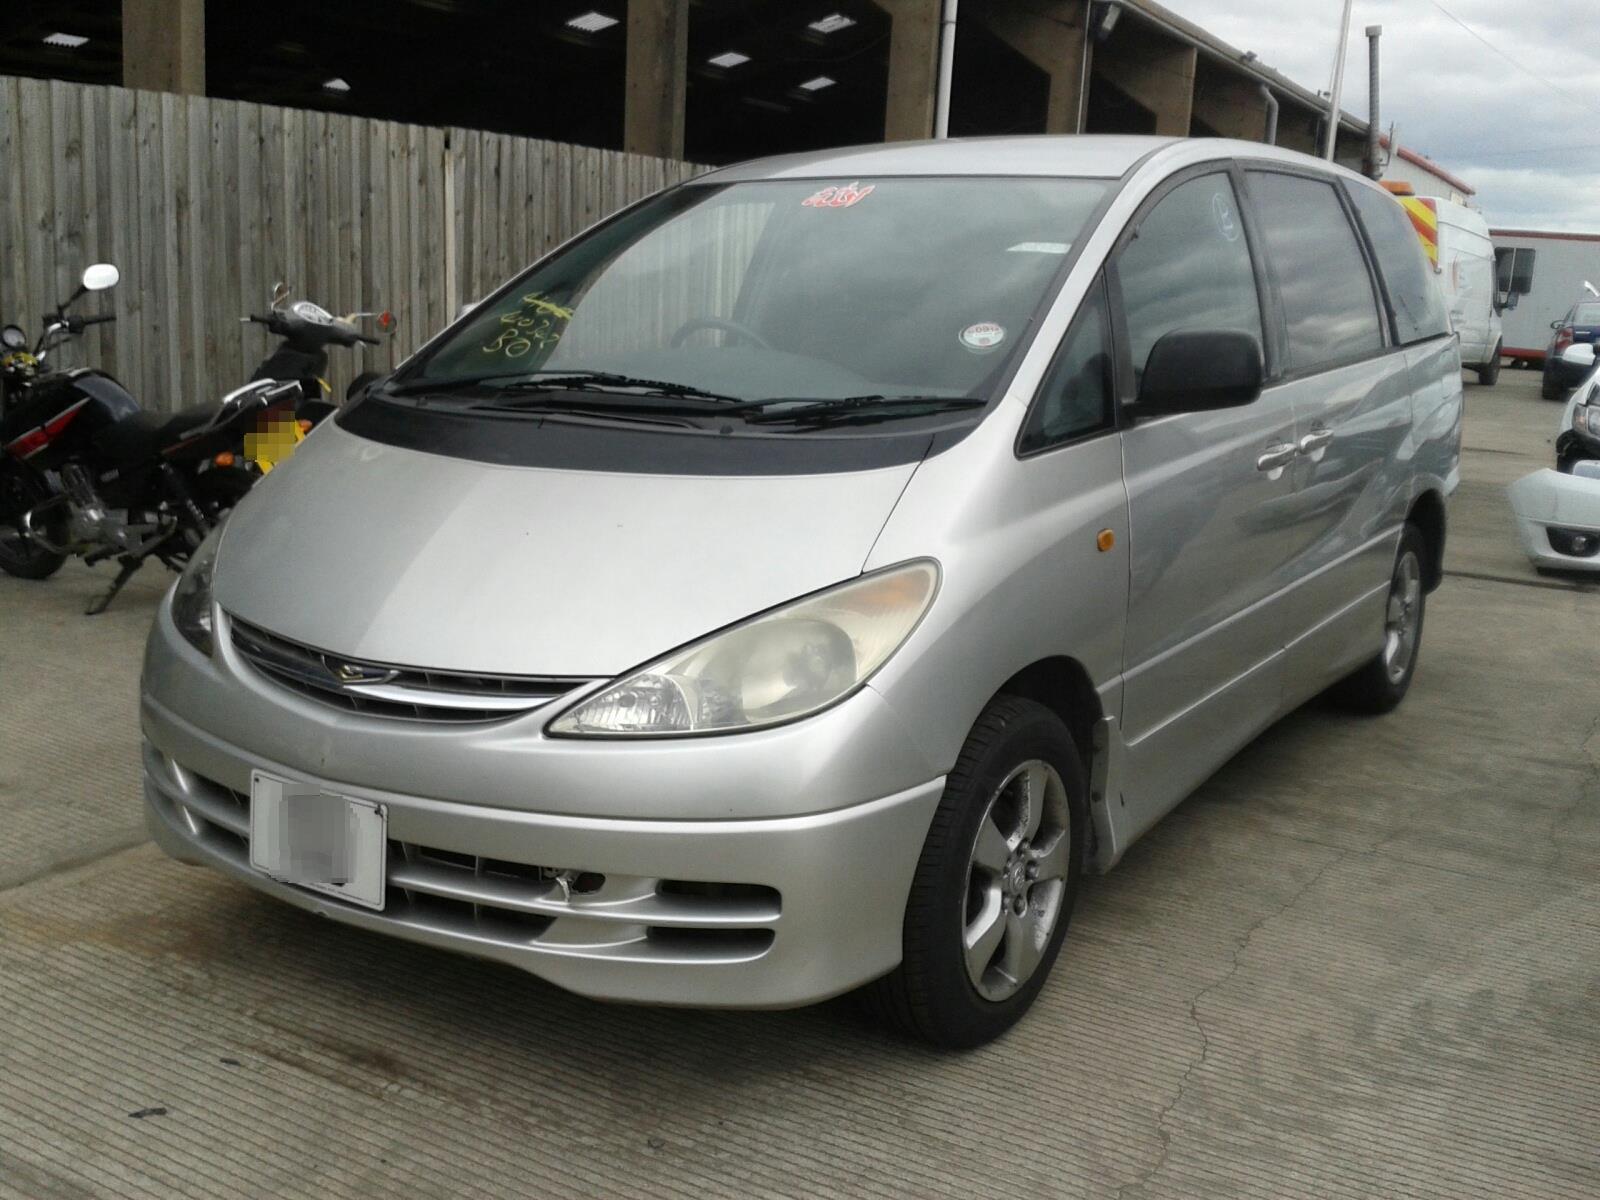 2008 Toyota Estima 2000 To 2006 Mpv Petrol Automatic Breaking Previa Fuse Box Parts